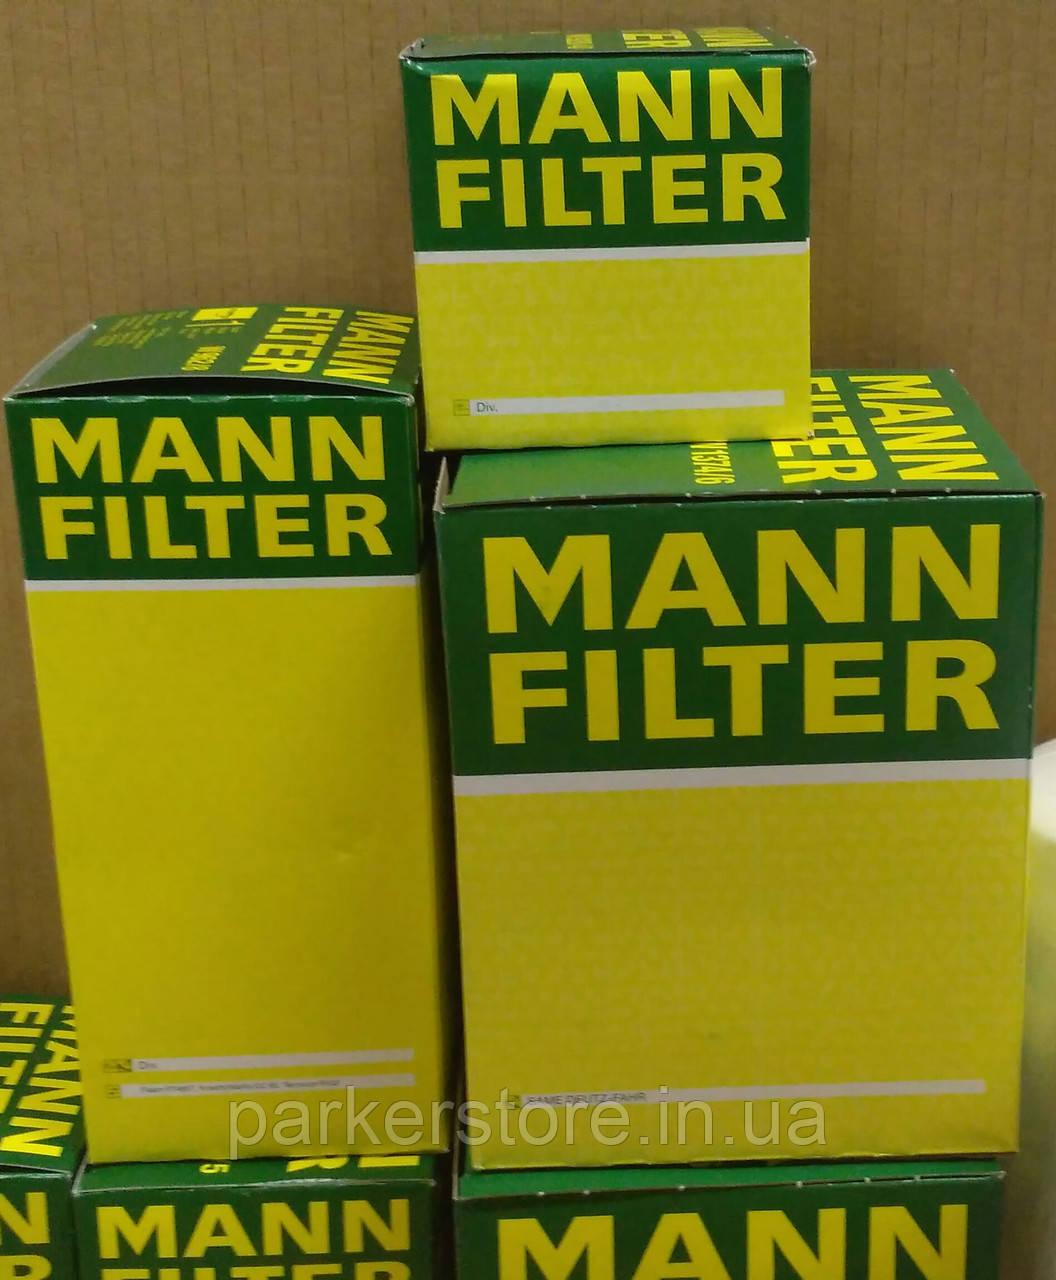 MANN FILTER / Повітряний фільтр / C 30 189 / C30189